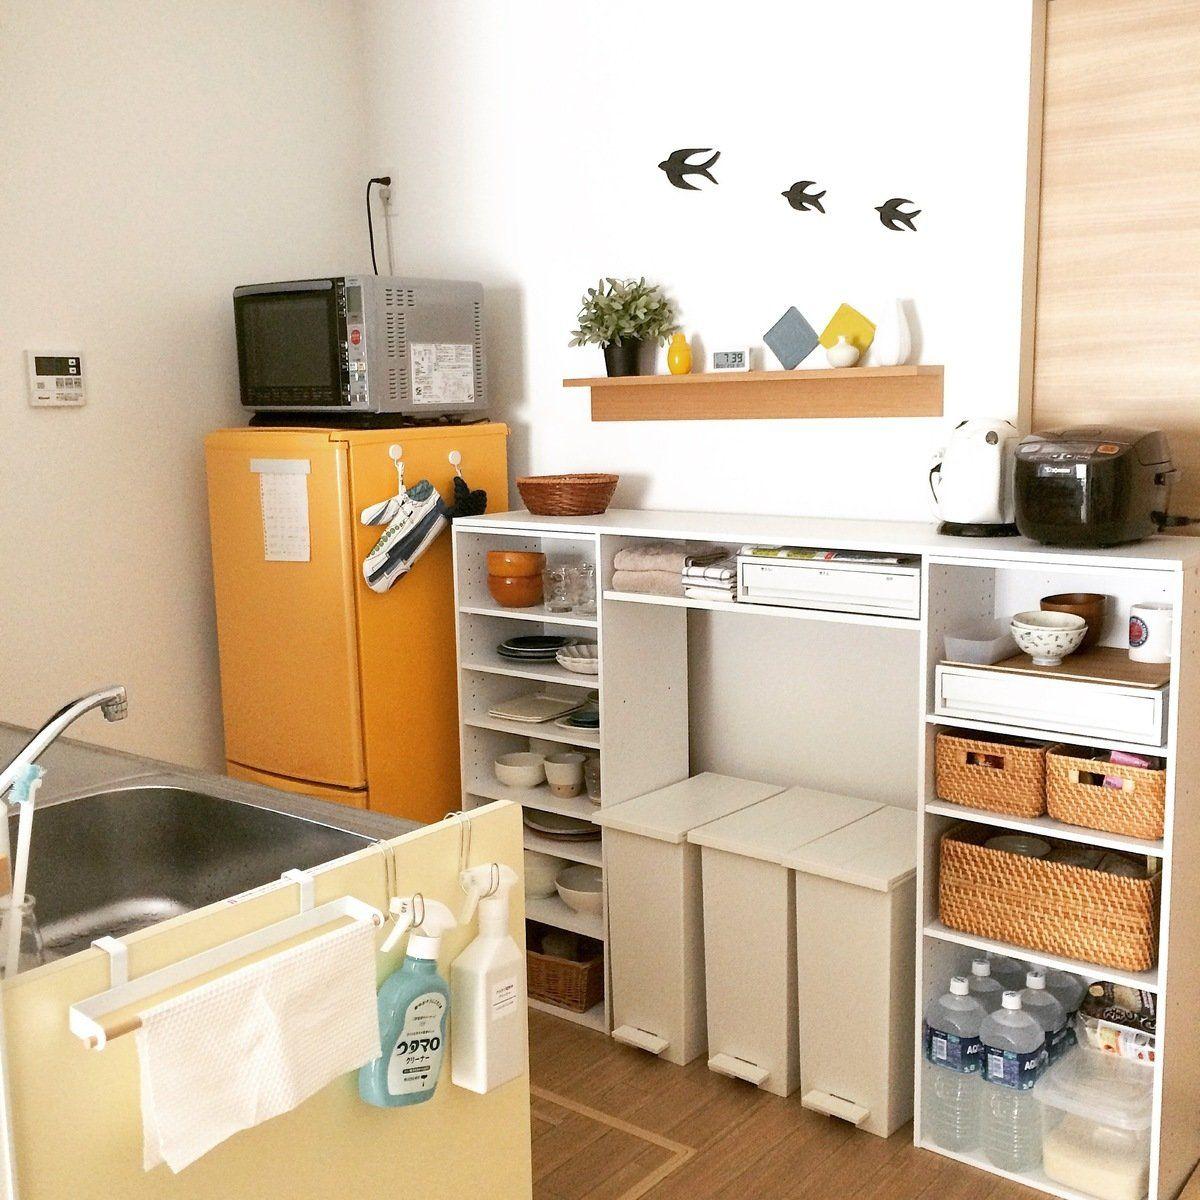 ニトリのカラーボックスが使える 我が家のキッチン収納実例